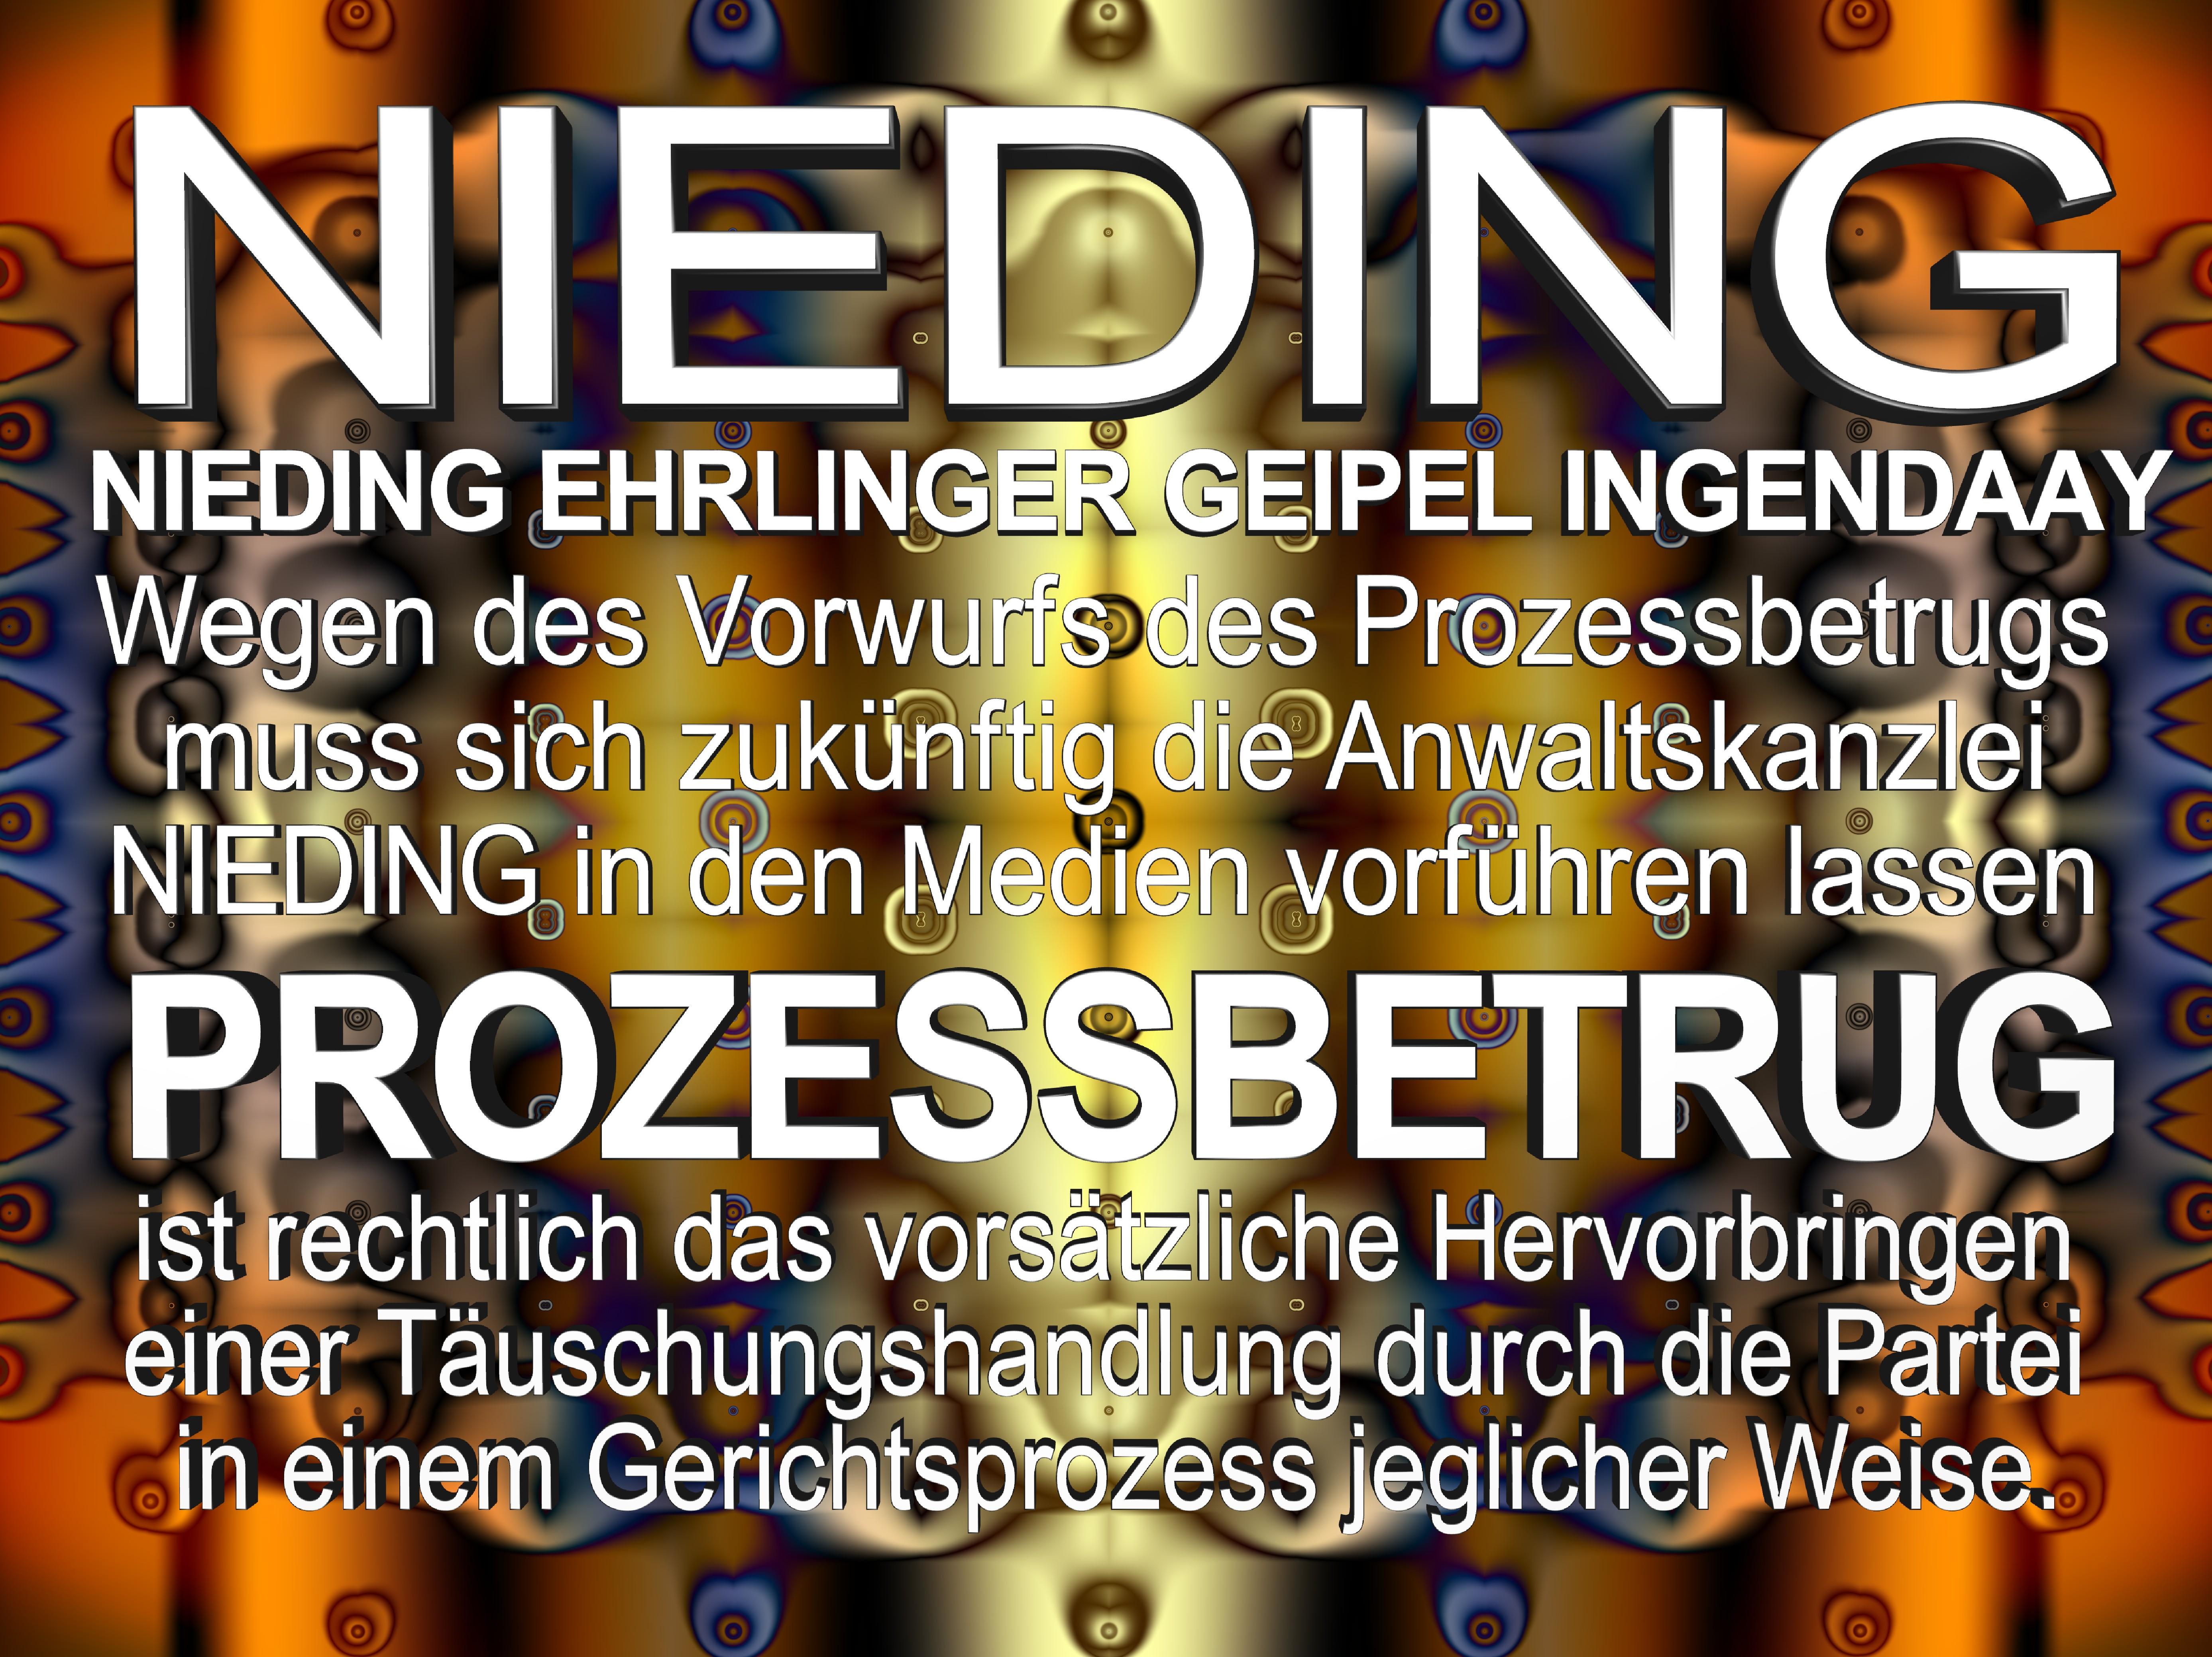 NIEDING EHRLINGER GEIPEL INGENDAAY LELKE Kurfürstendamm 66 Berlin (24)